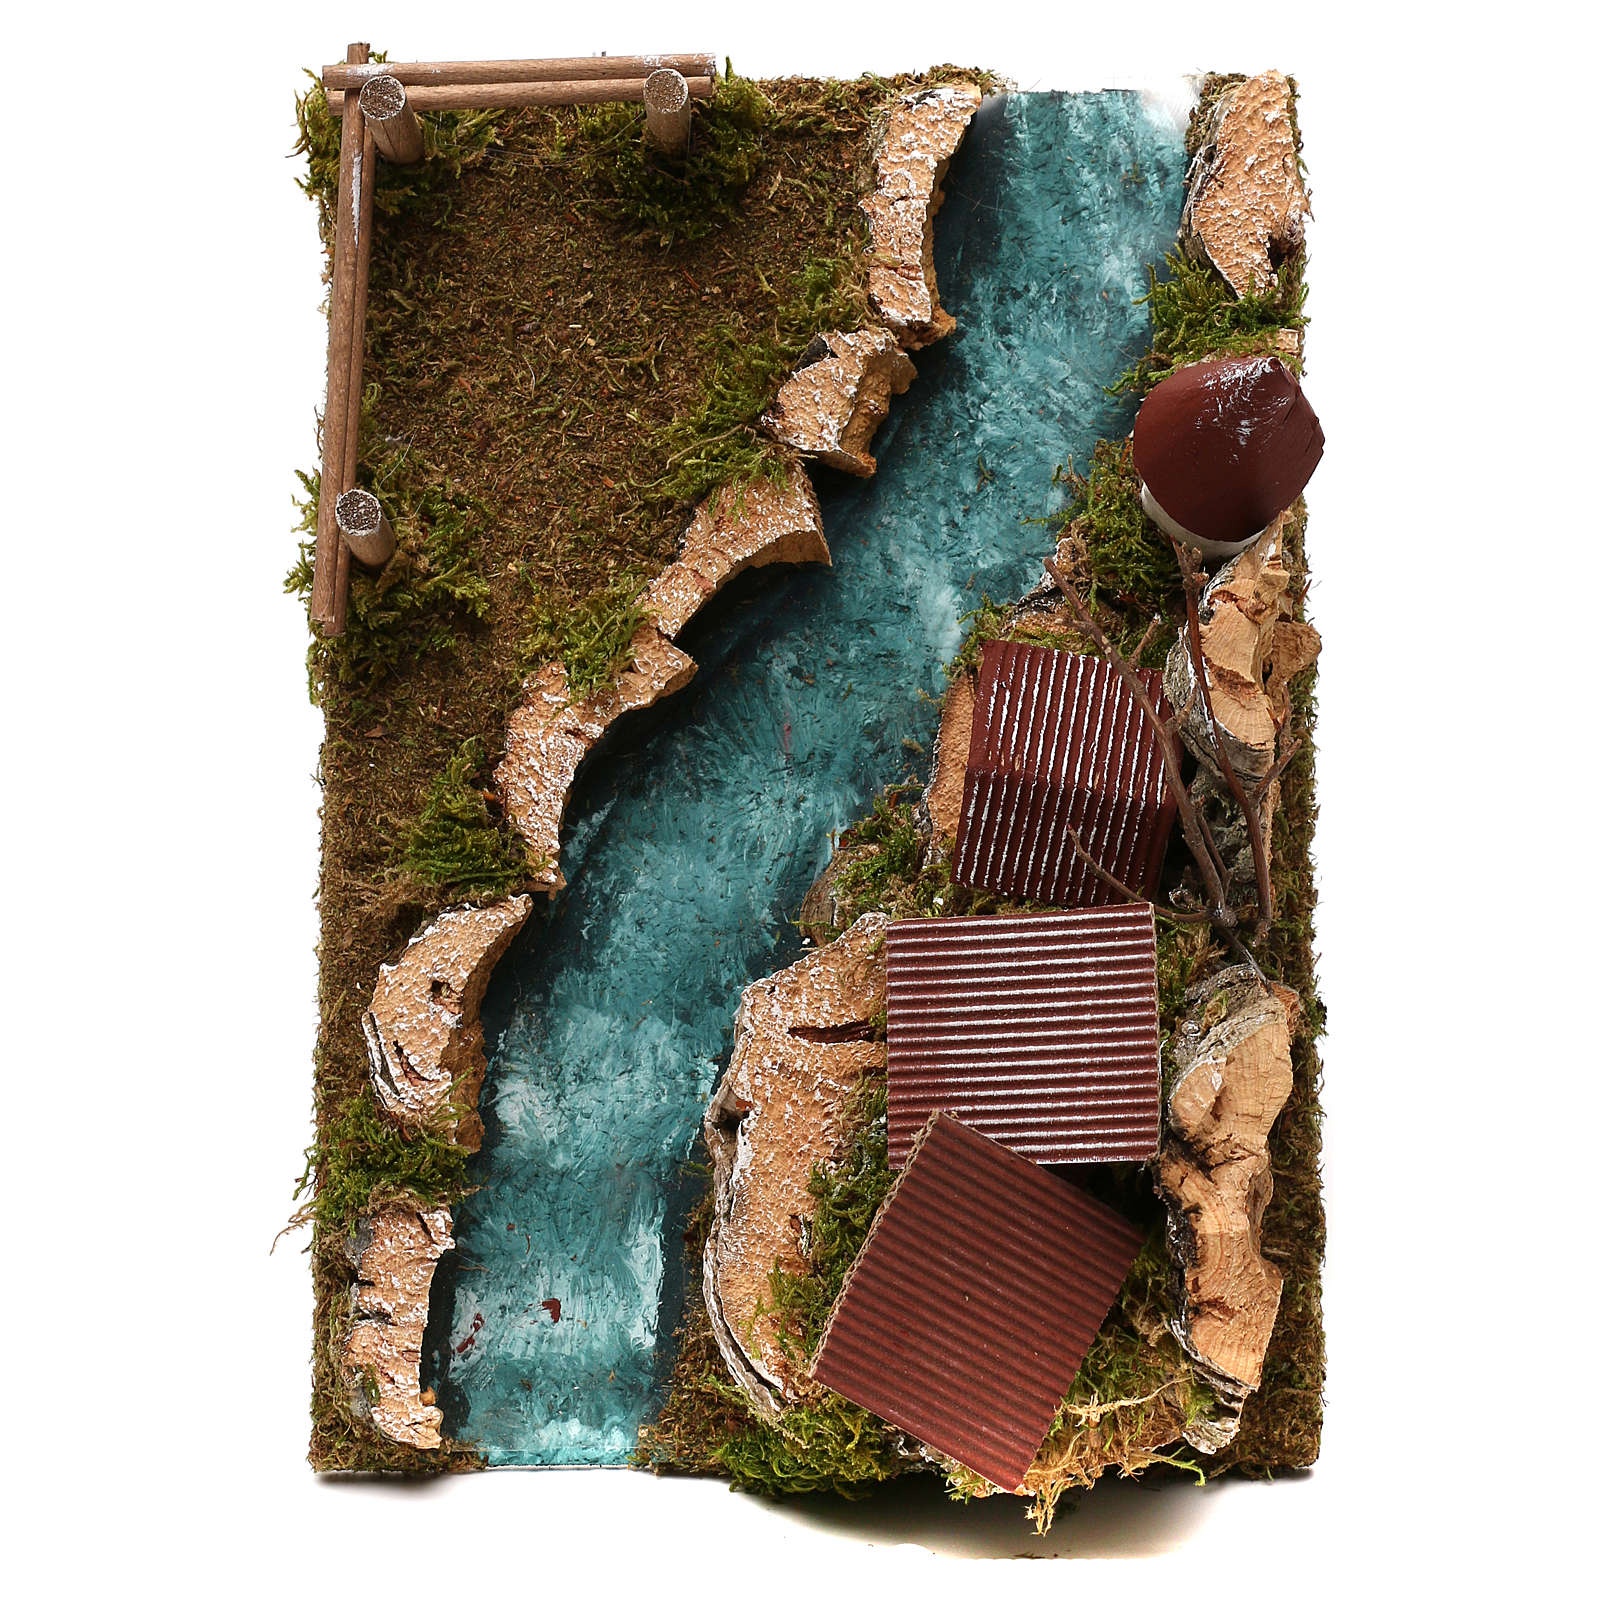 Pueblito con río: ambiente para el pesebre 4